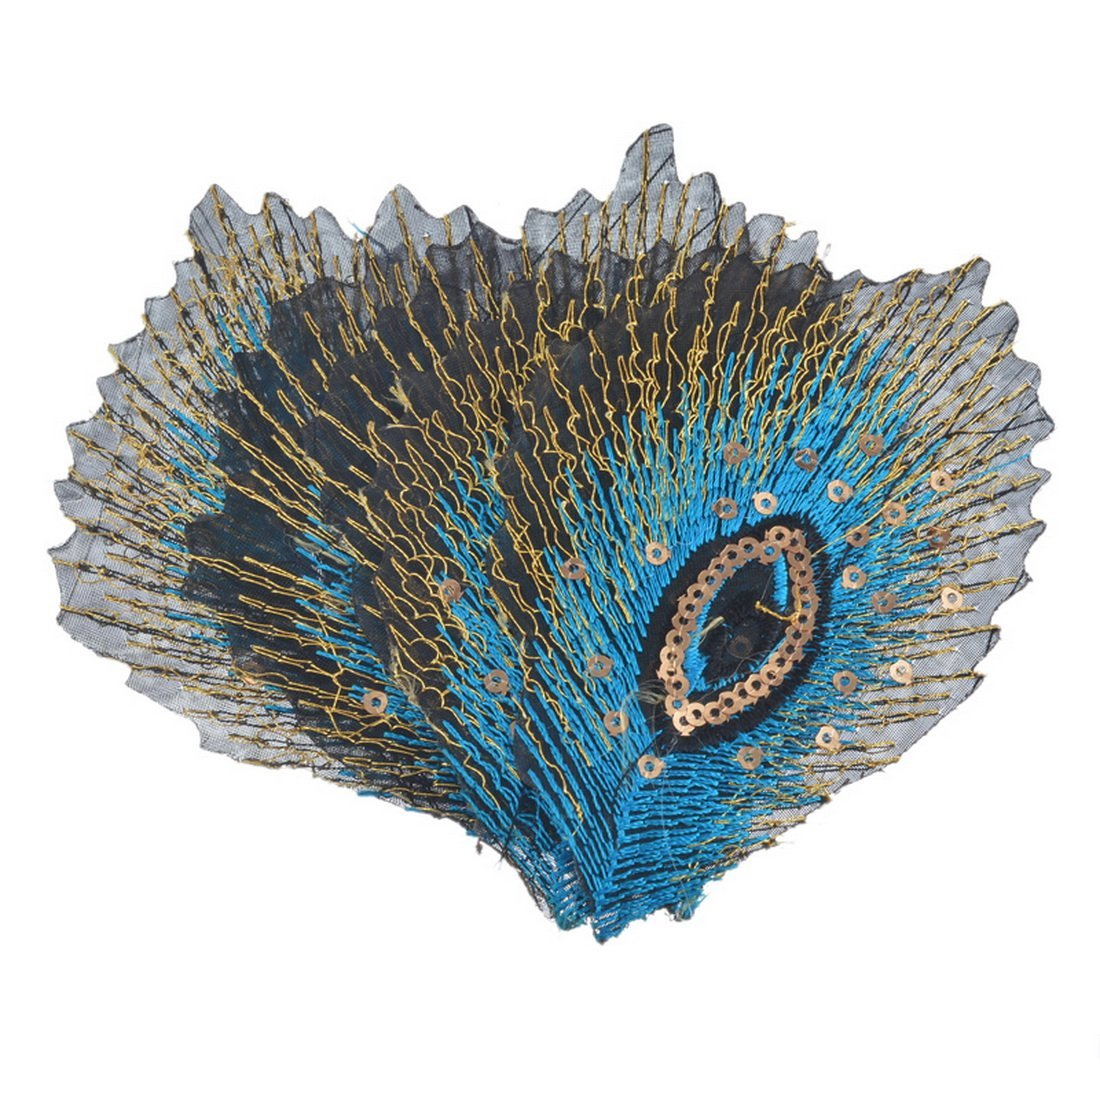 Souarts /Écusson Brod/é Patch Thermocollant Plumes de Paon Sequins pr DIY Denim Fabric Bleu Clair 5Pcs